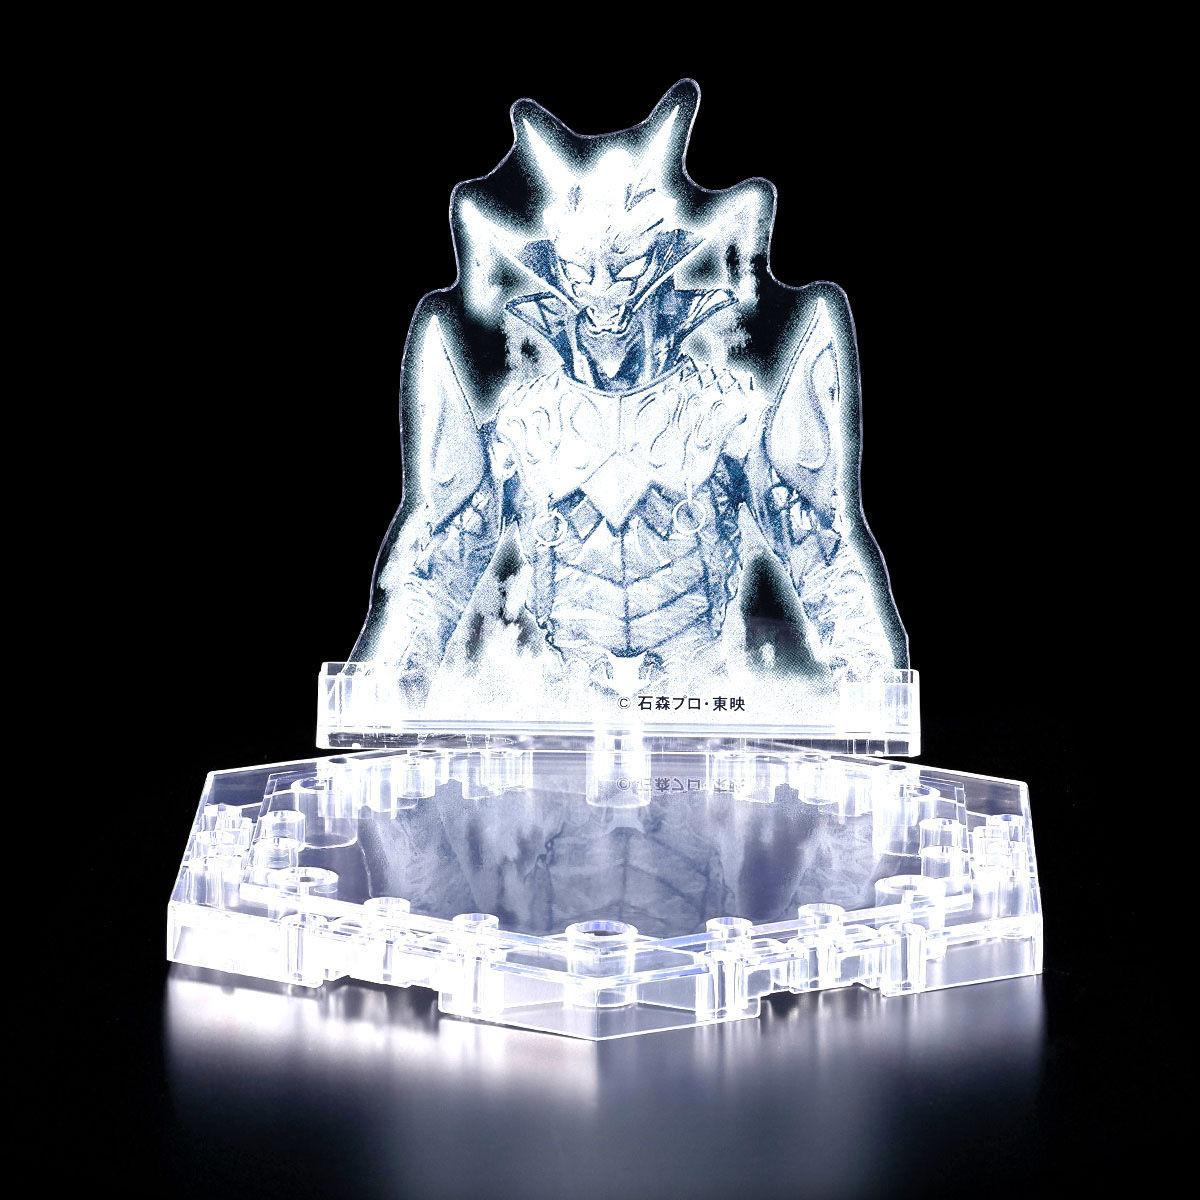 【限定販売】Figure-rise Standard『仮面ライダー電王 ガンフォーム&プラットフォーム』プラモデル-007